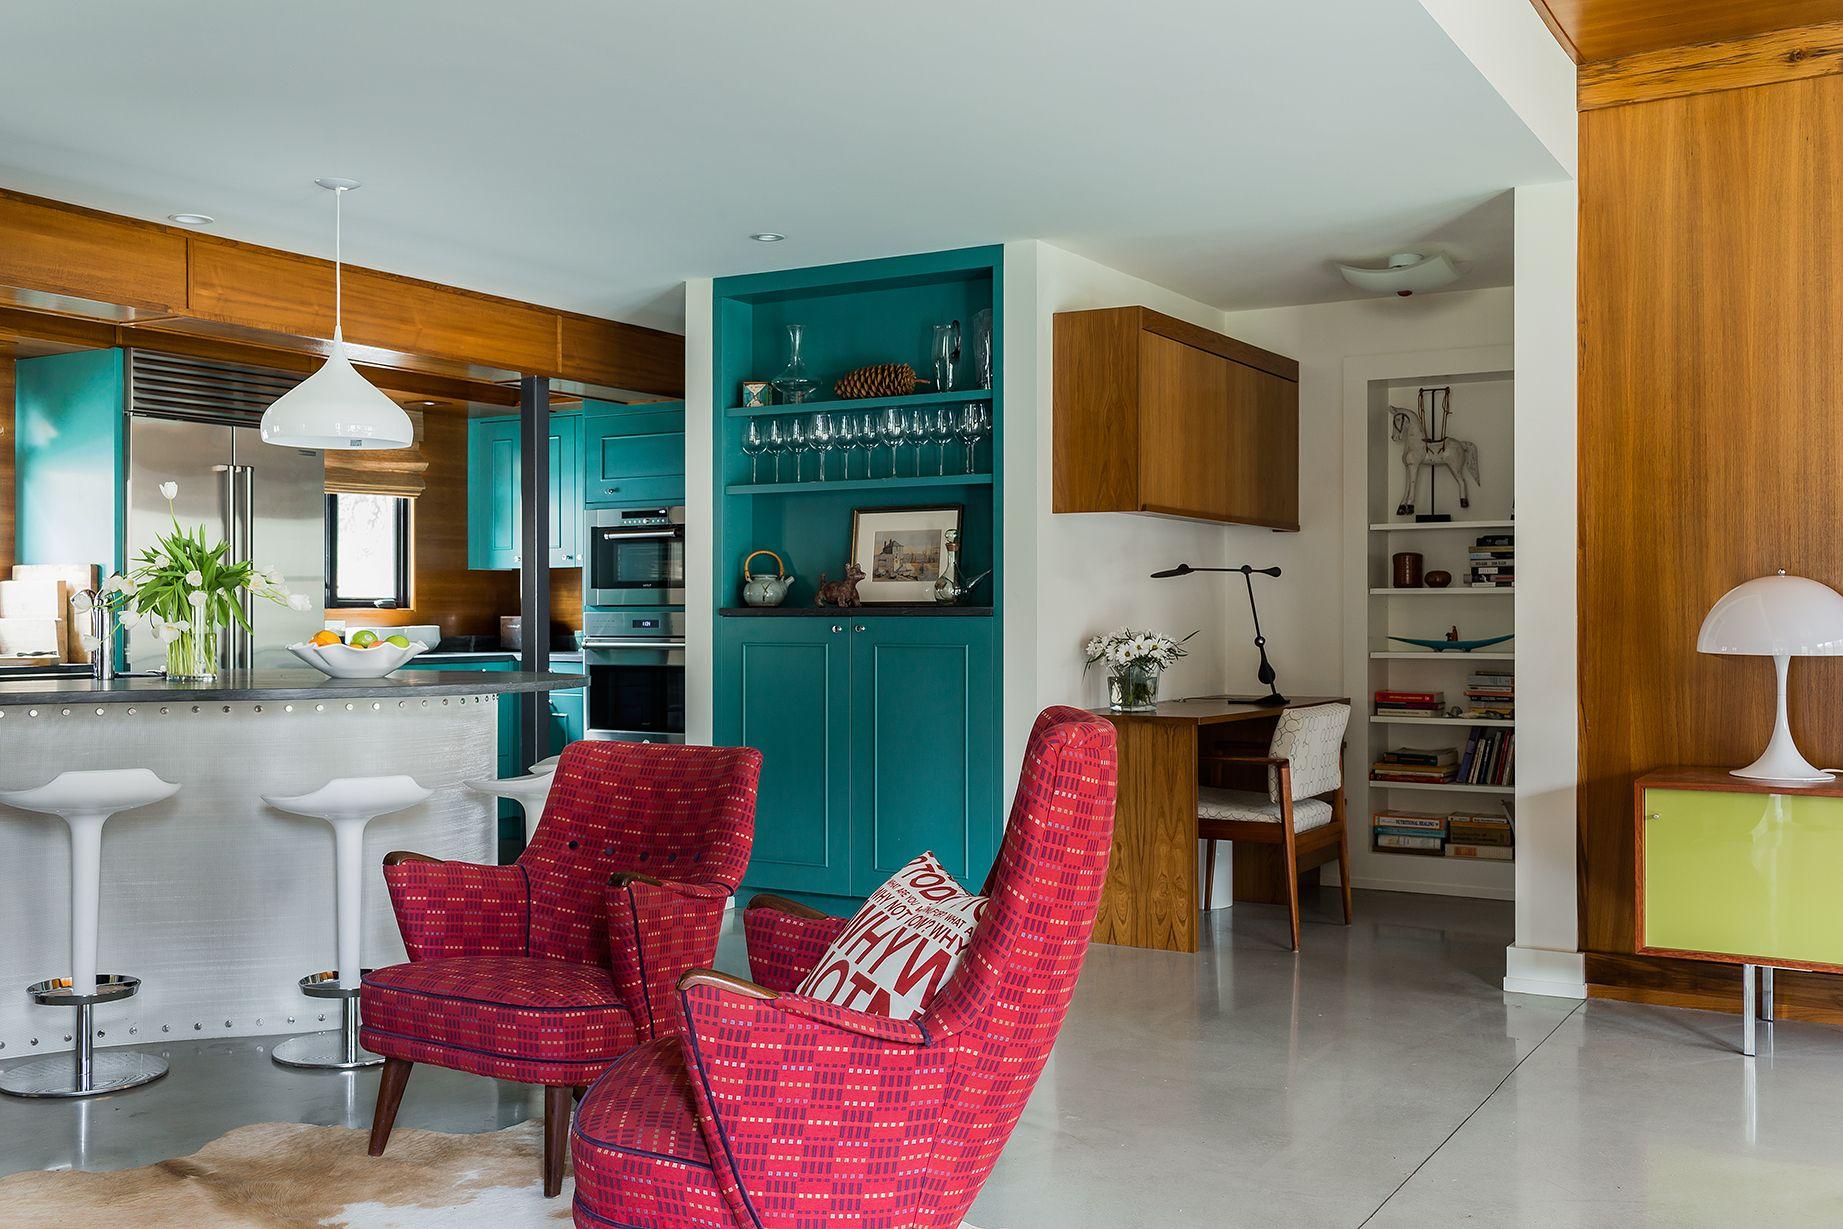 Lincoln kitchen by Annie Hall Interiors #midcenturymodern   AHI ...